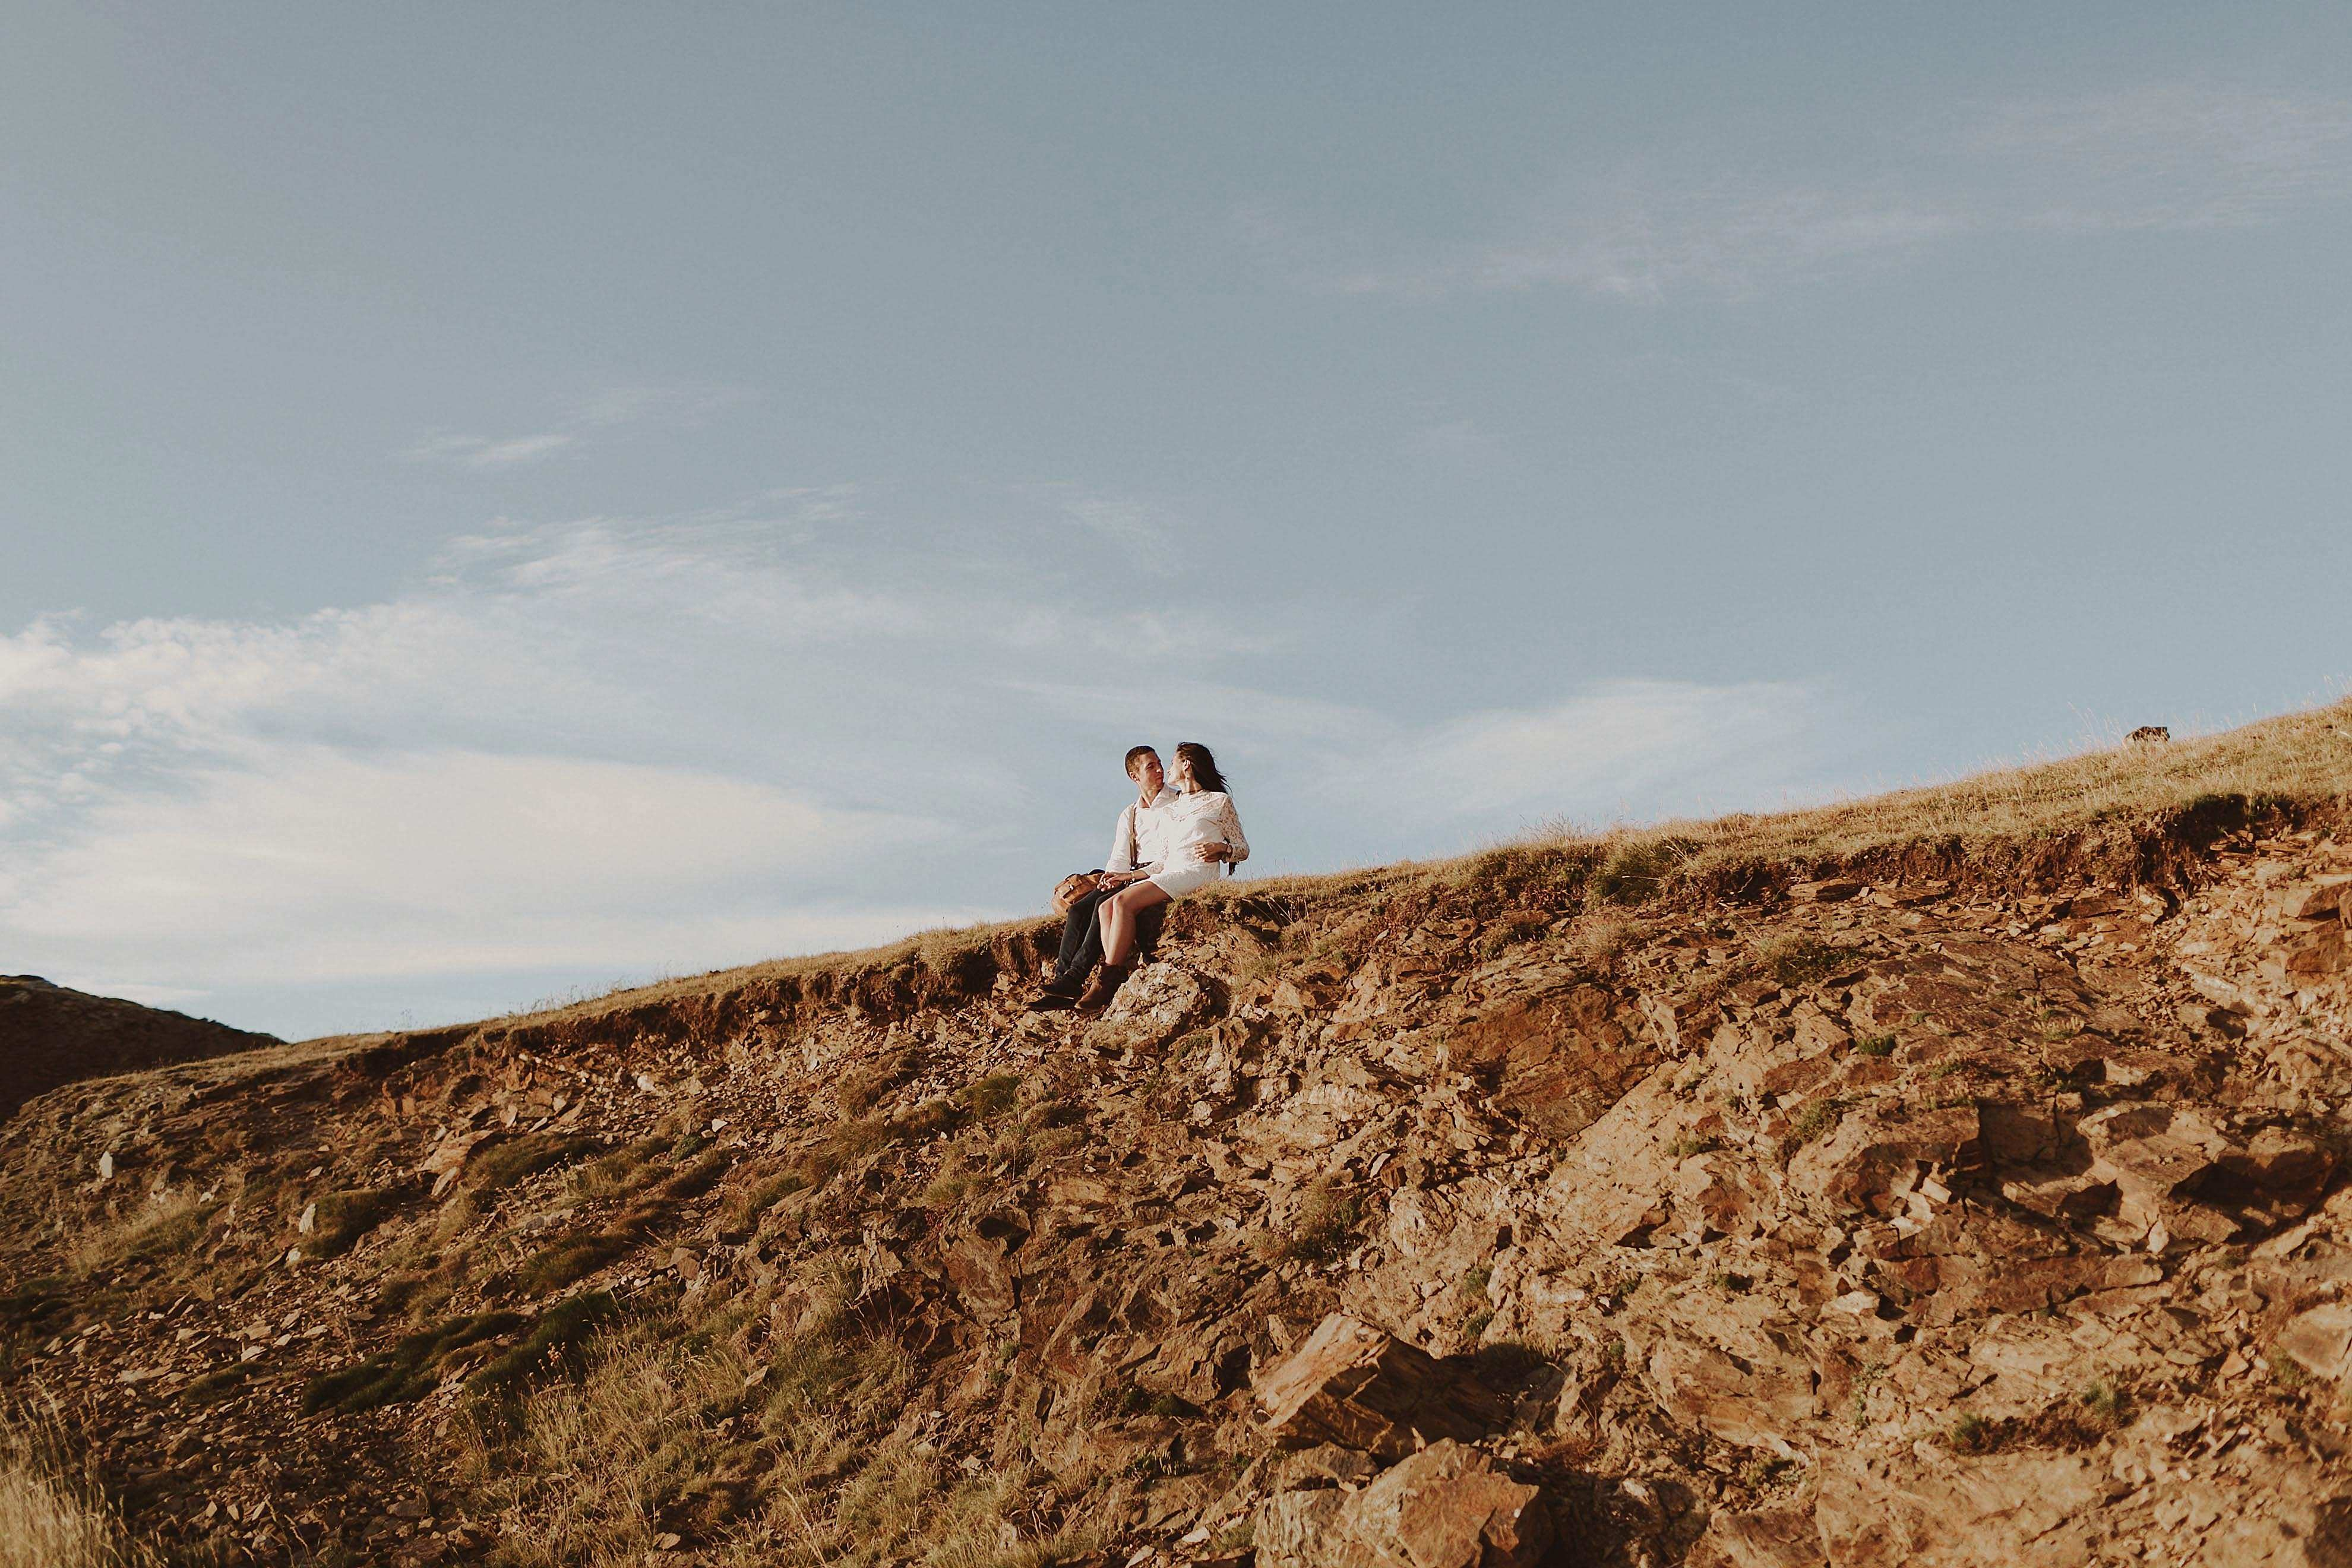 Preboda en la montaña. fotografo de bodas barcelona.bodas girona_081